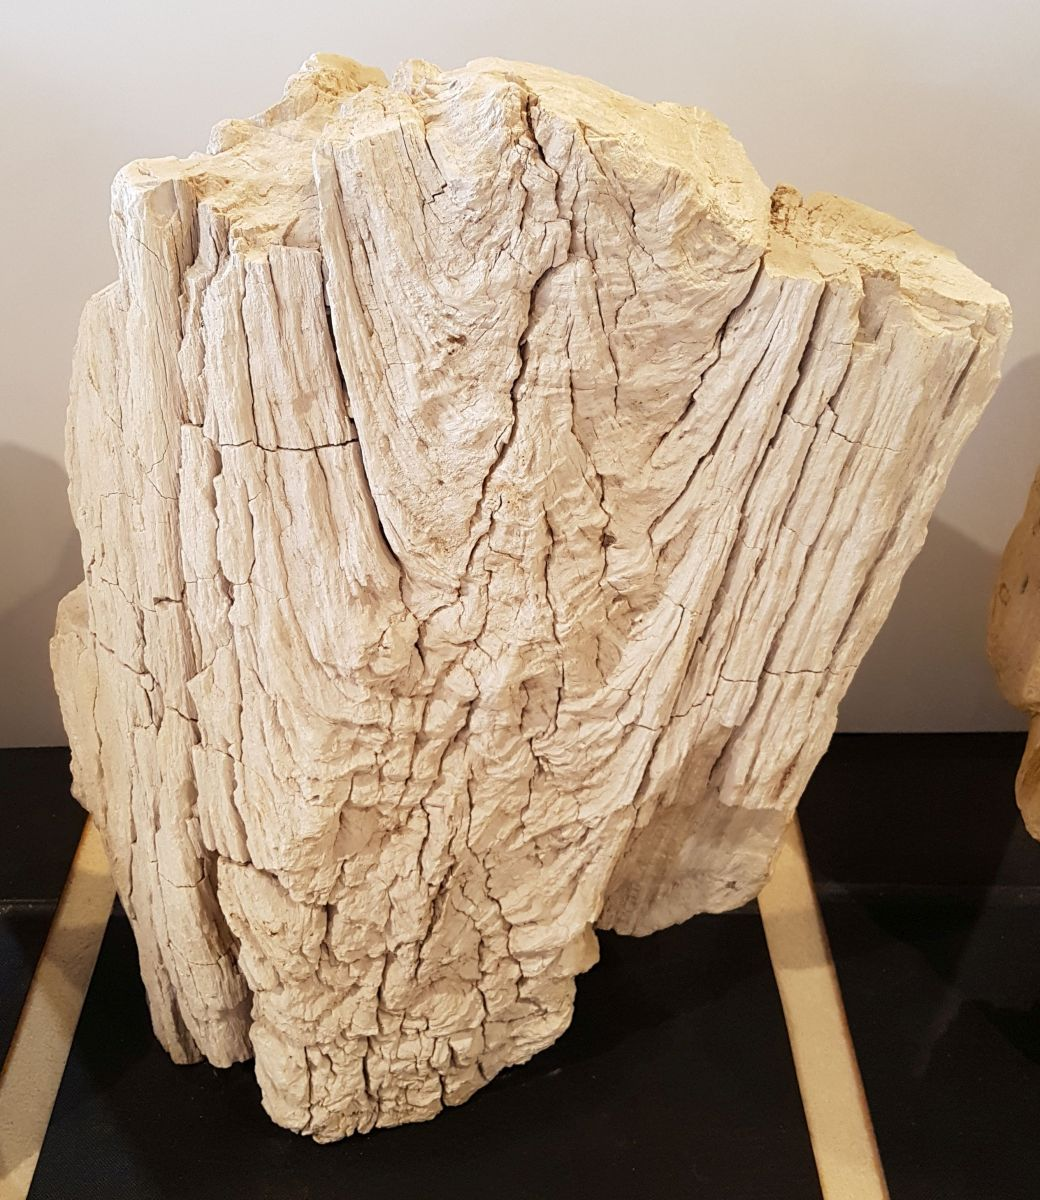 Grafsteen versteend hout 29099